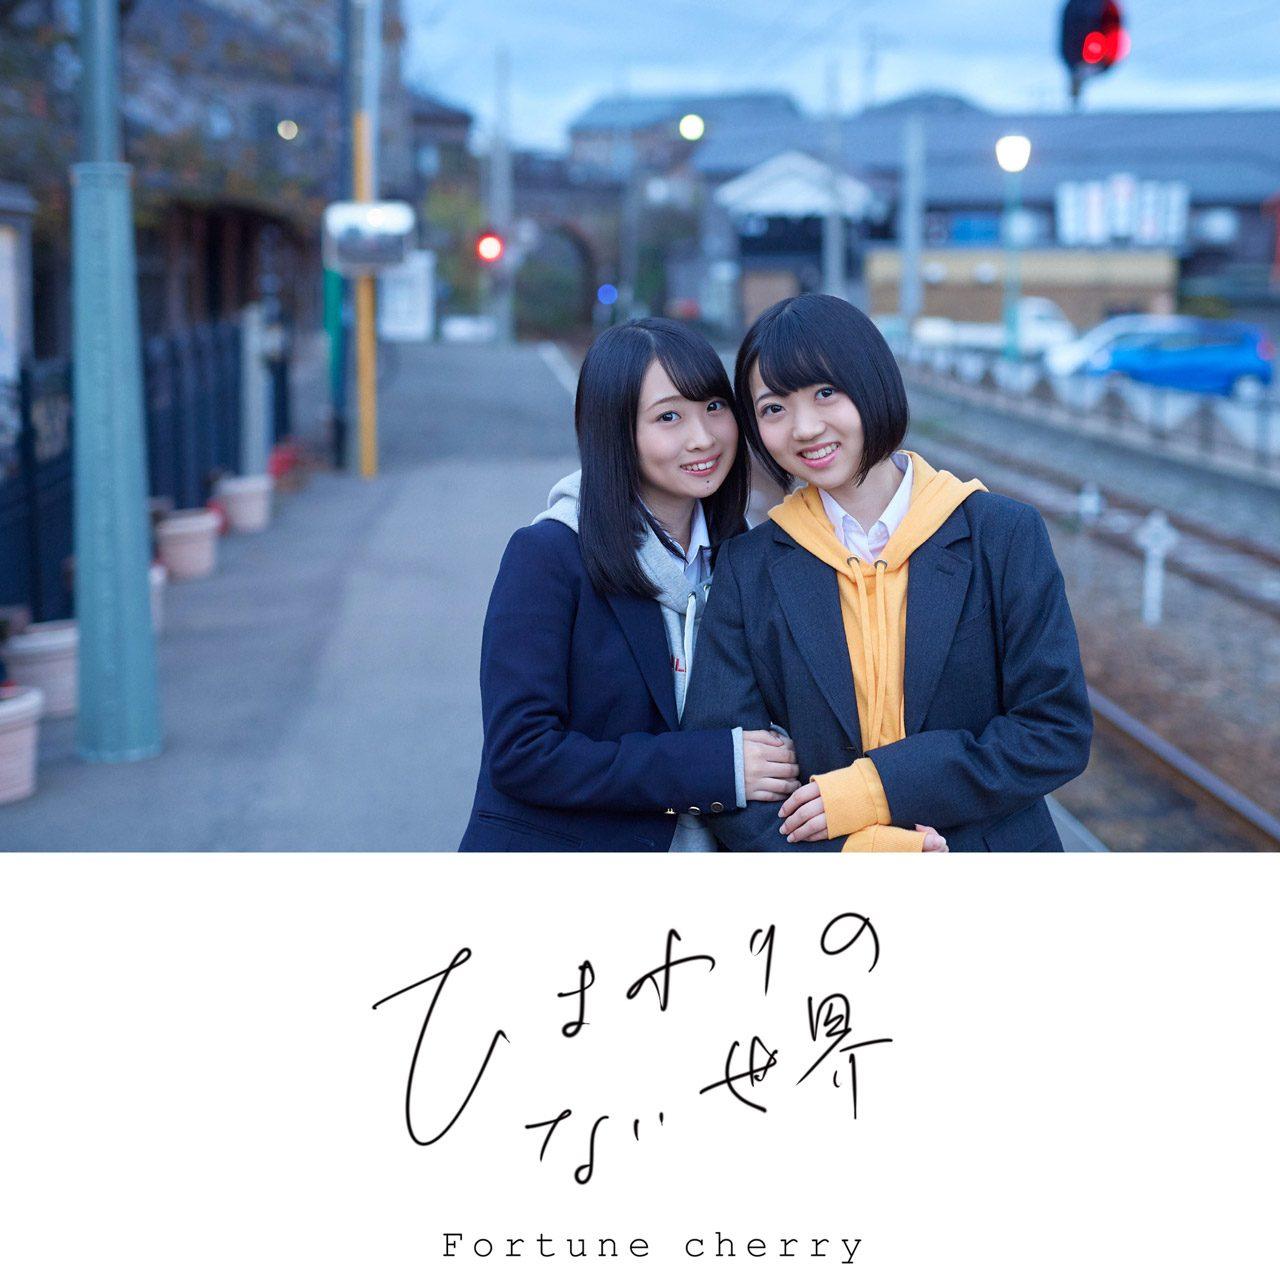 Fortune cherry デビューシングル「ひまわりのない世界」本日発売!